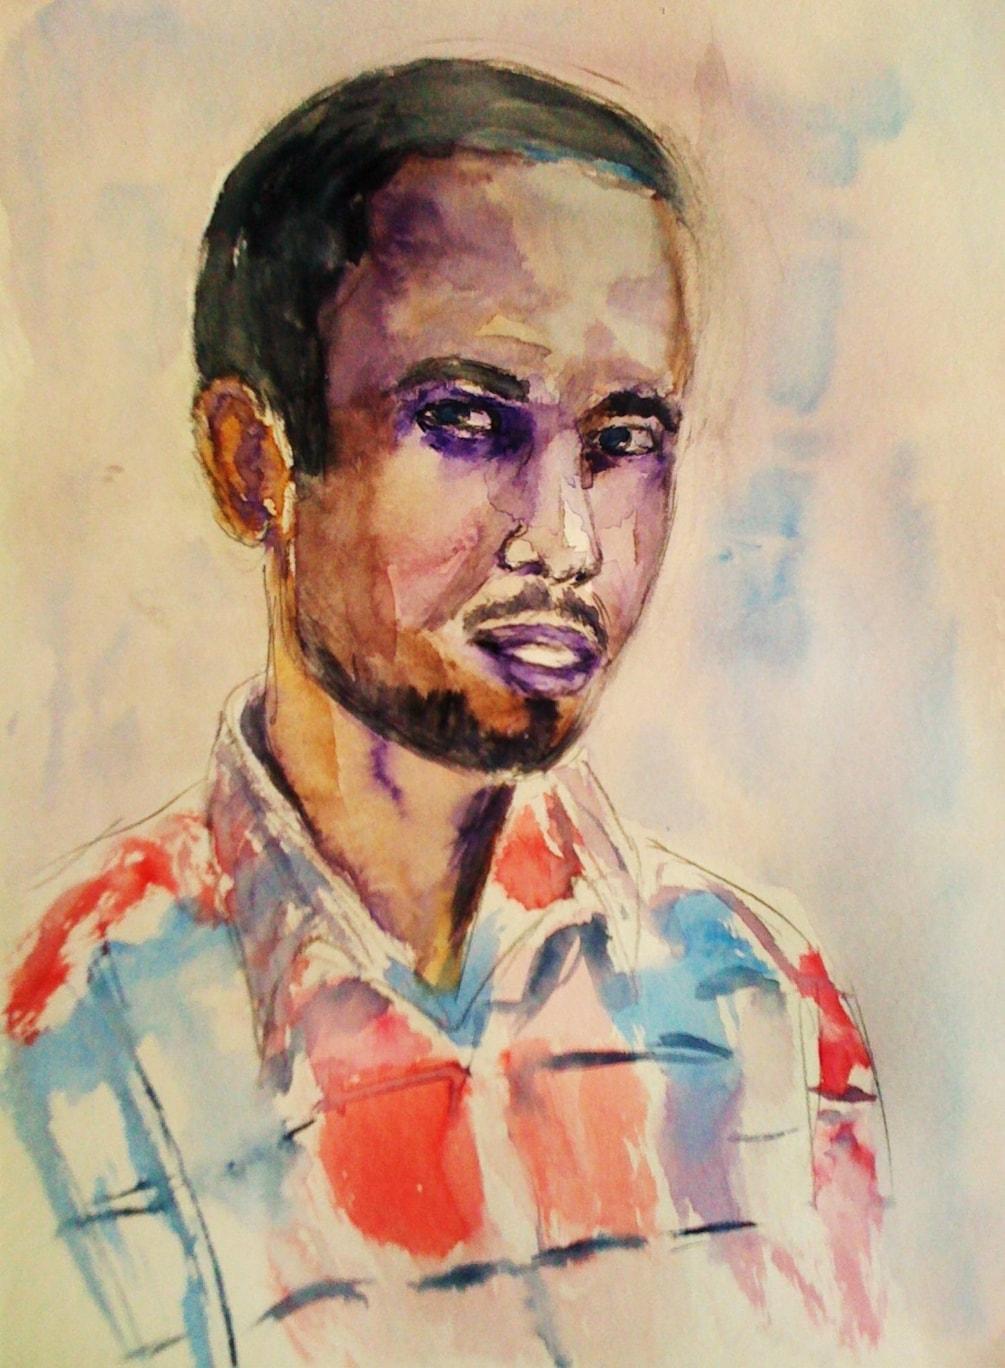 Abdalla's portrait